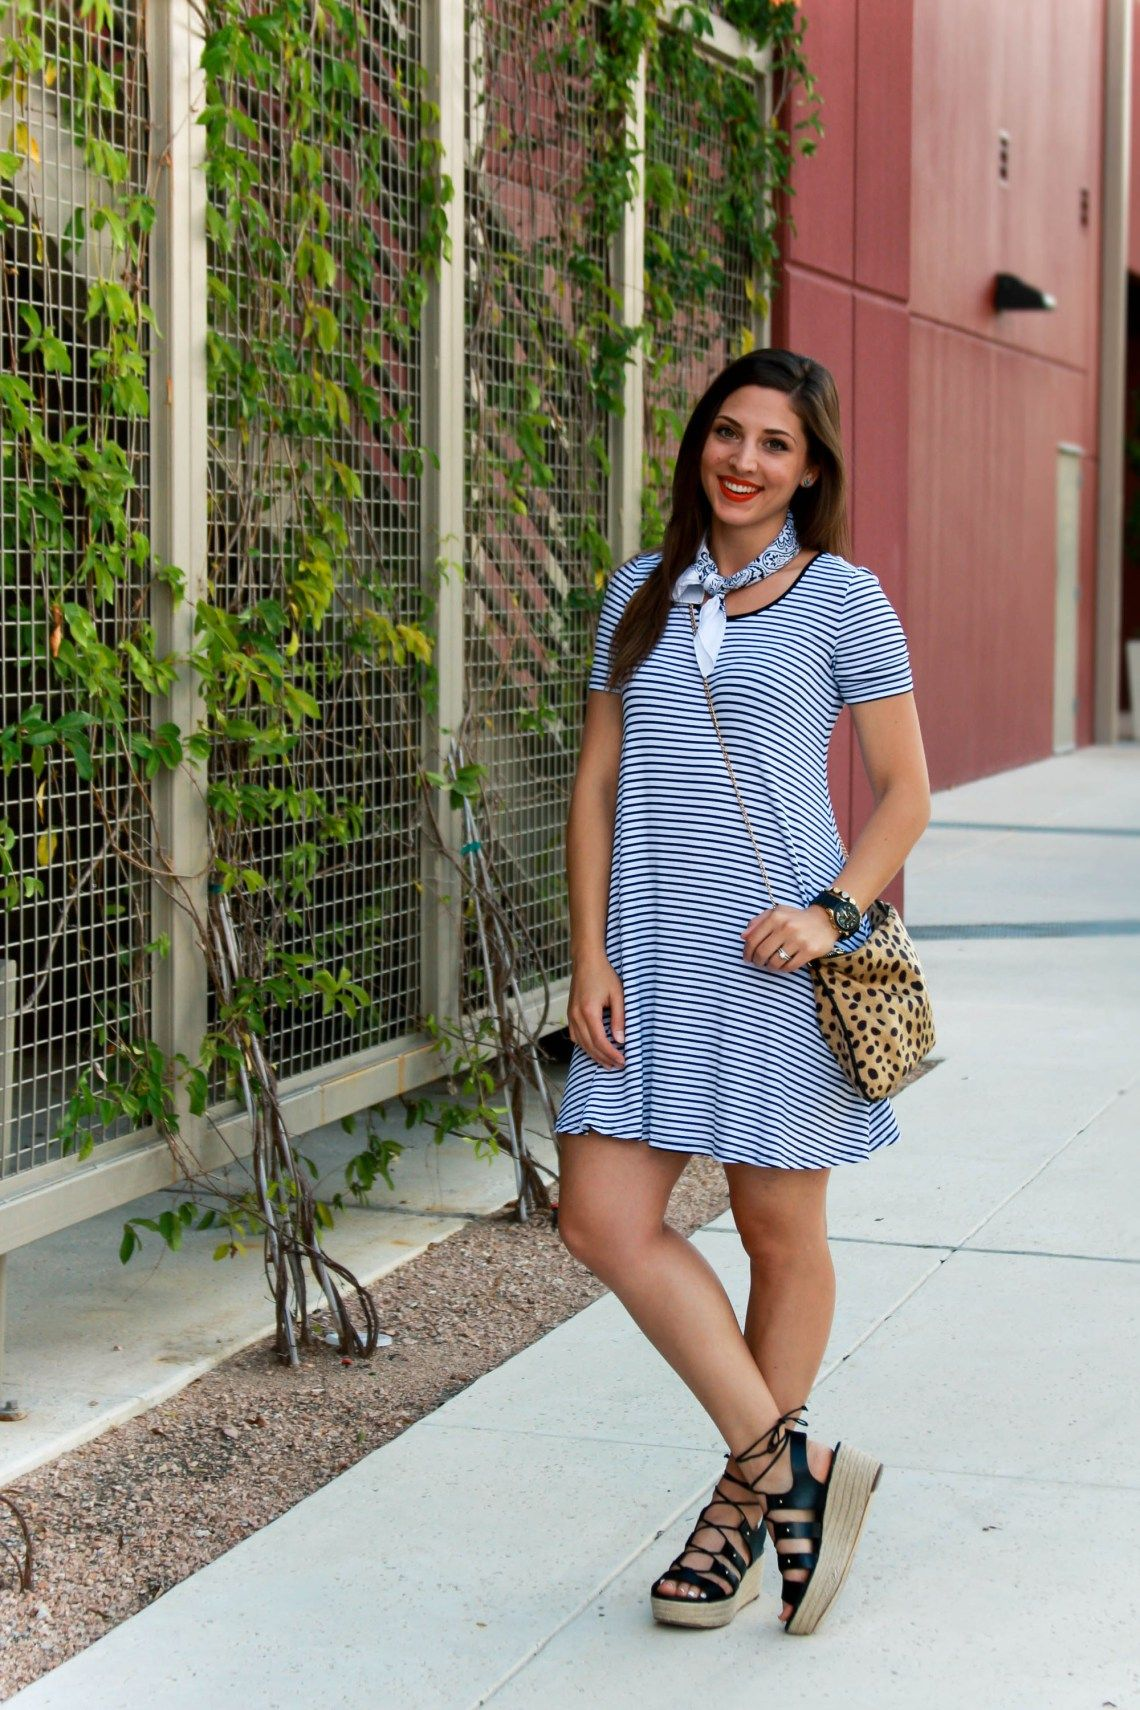 Pin by XO, Maci on XO, Maci | Fall outfits, Denim dress